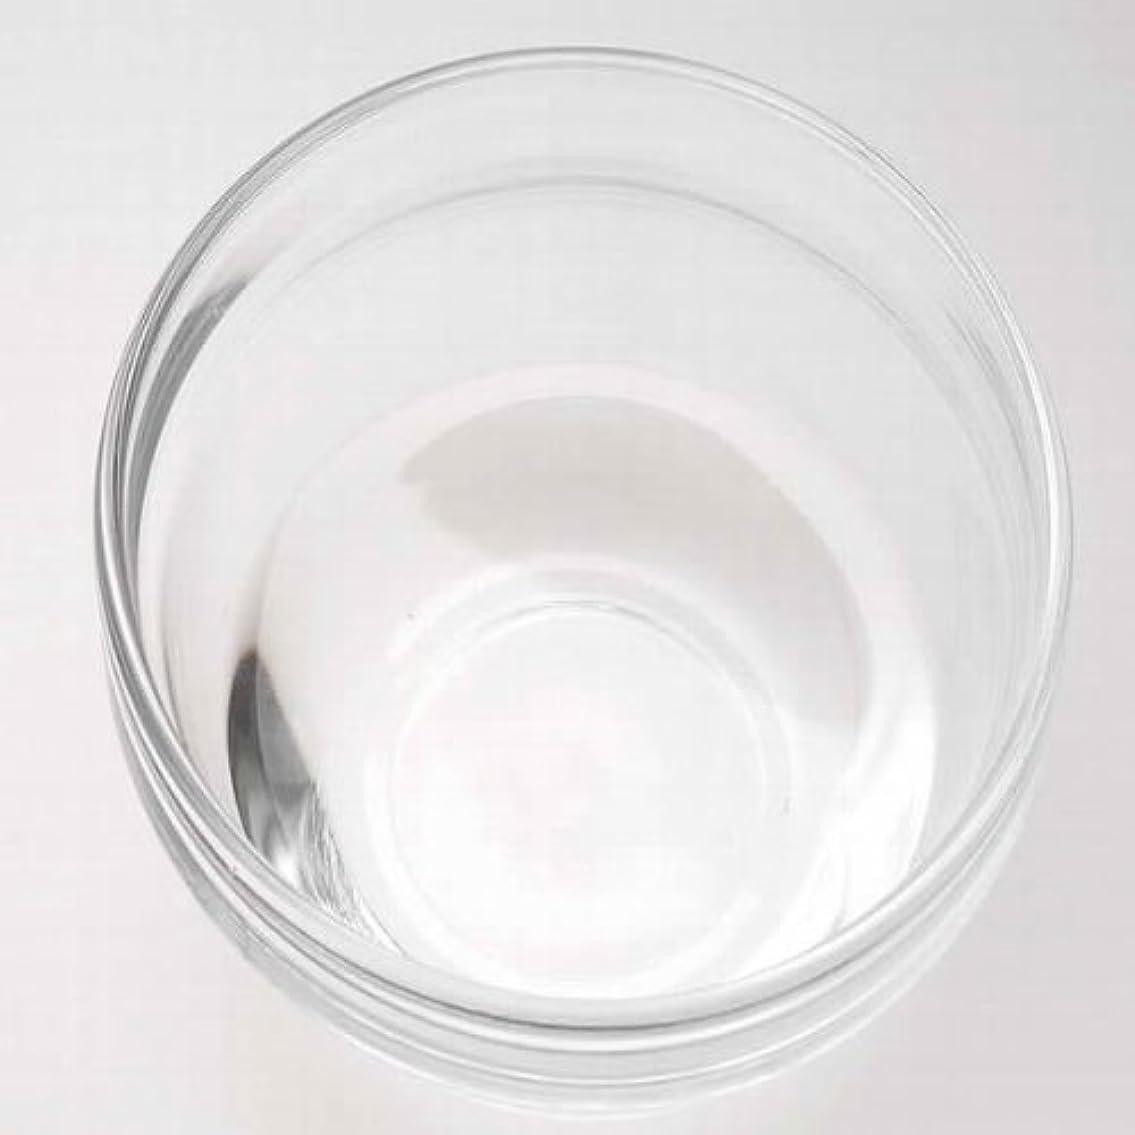 オリーブ スクワランオイル 1000ml(500ml×2本) 精製 天然無添加 ?キャリアオイル アロマ ベースオイル?